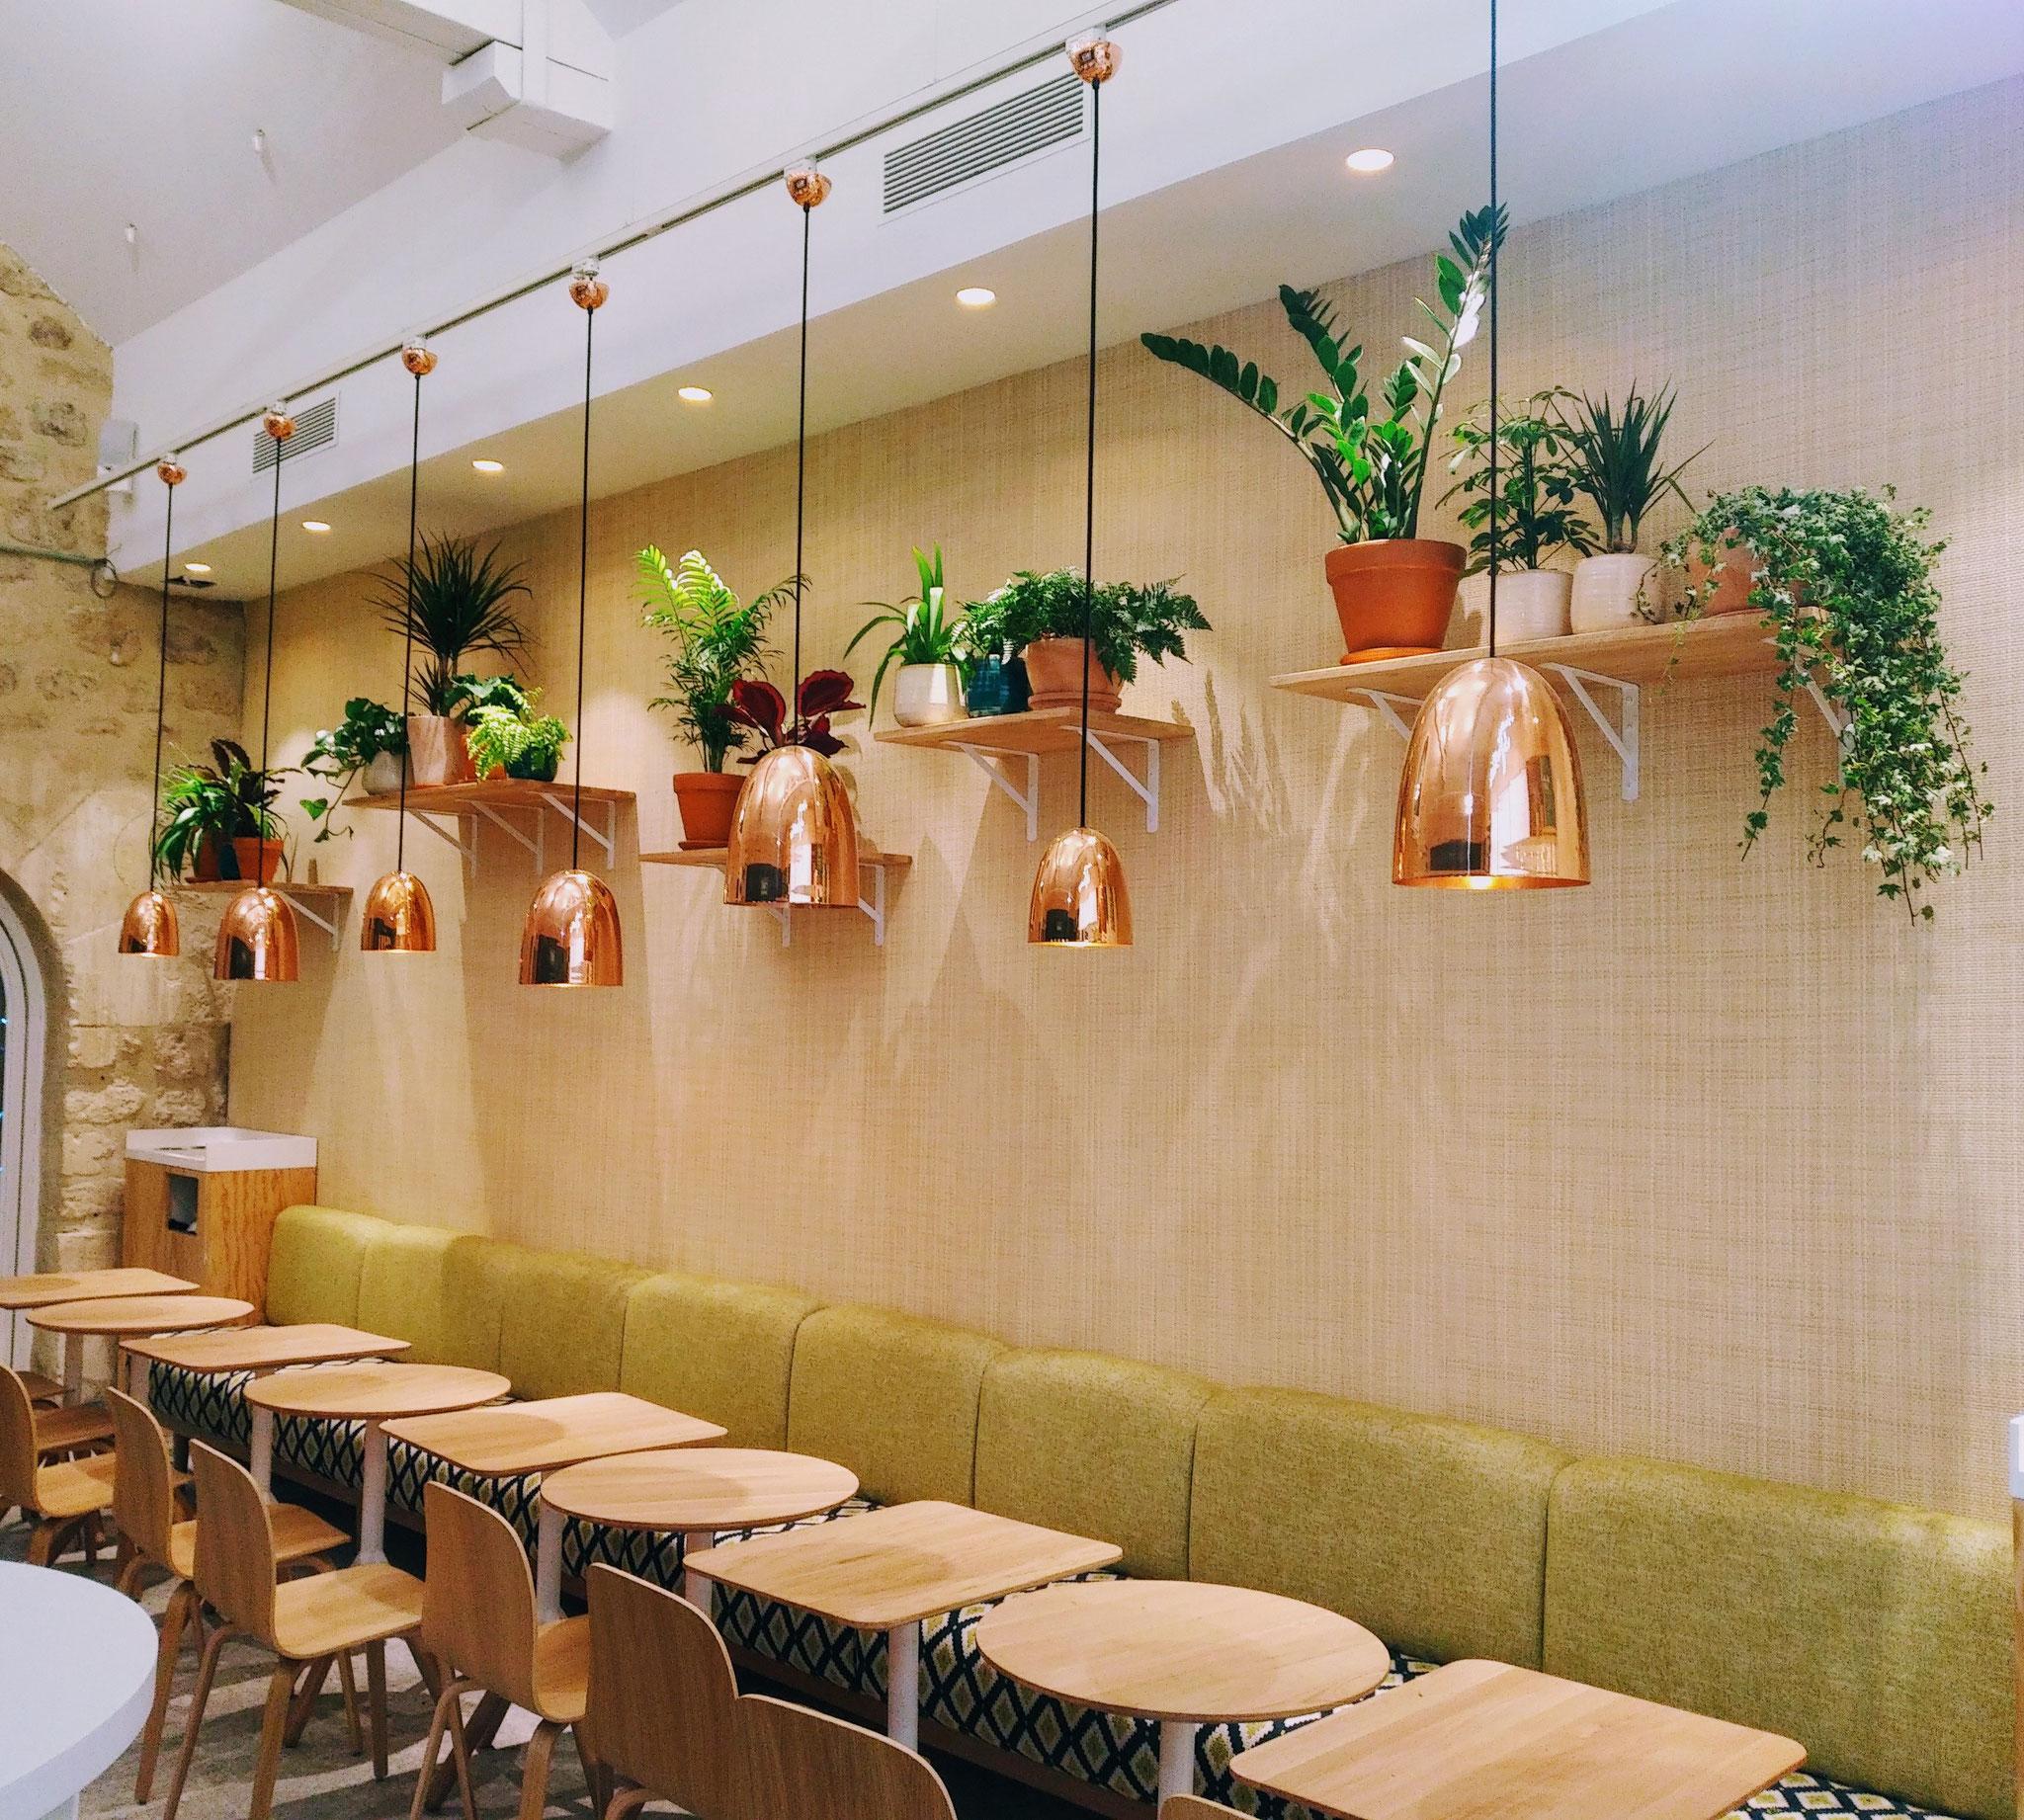 Paysagiste d'intérieur: entretien de plantes d'intérieur en entreprise (ici un restaurant de Paris Bercy)